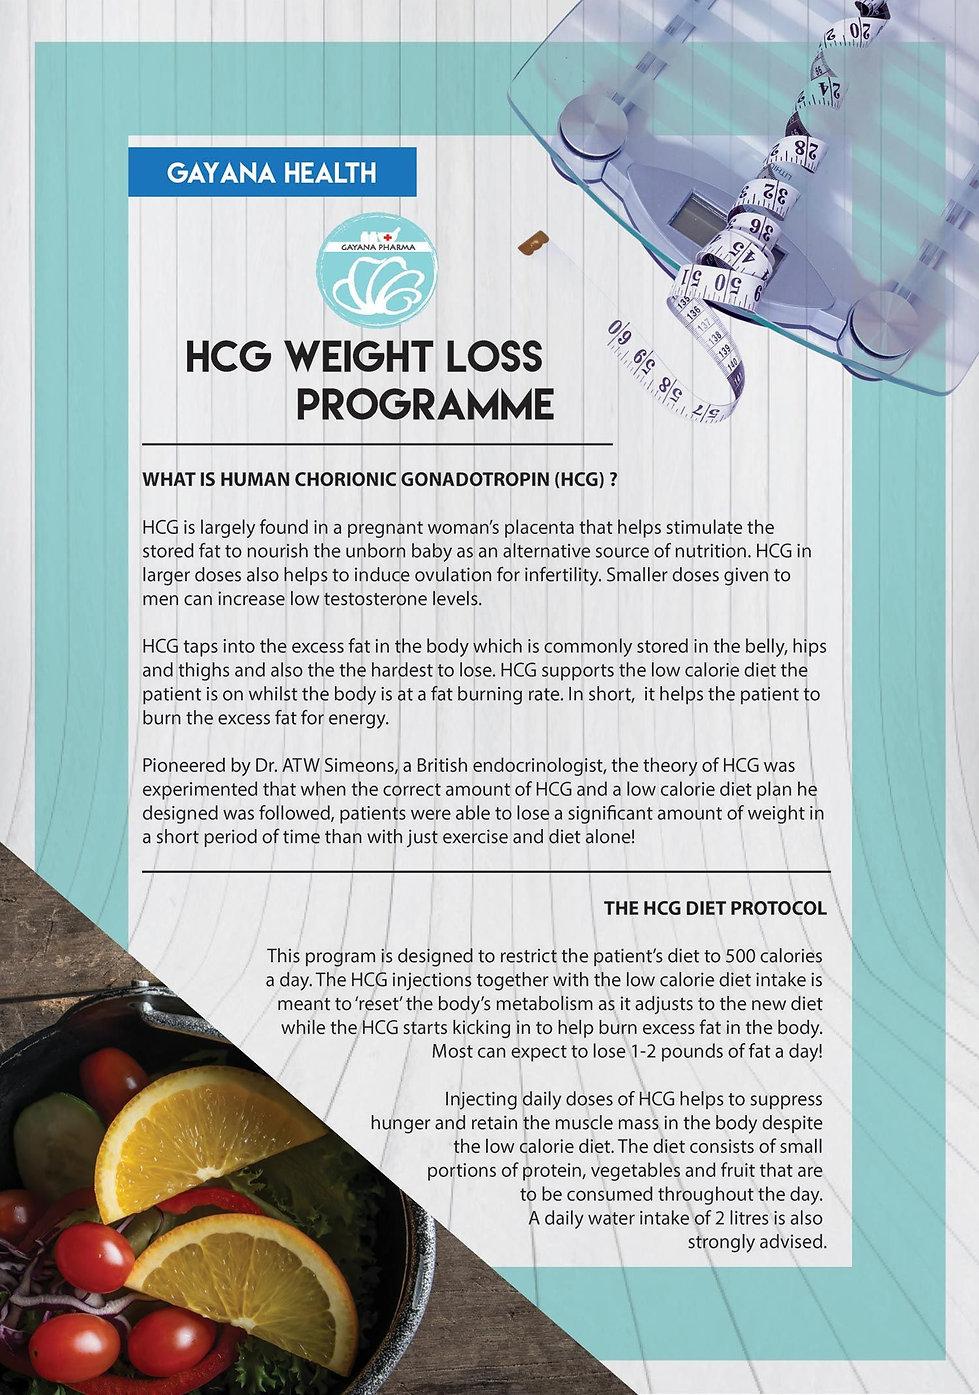 HCG Weight Loss Programme